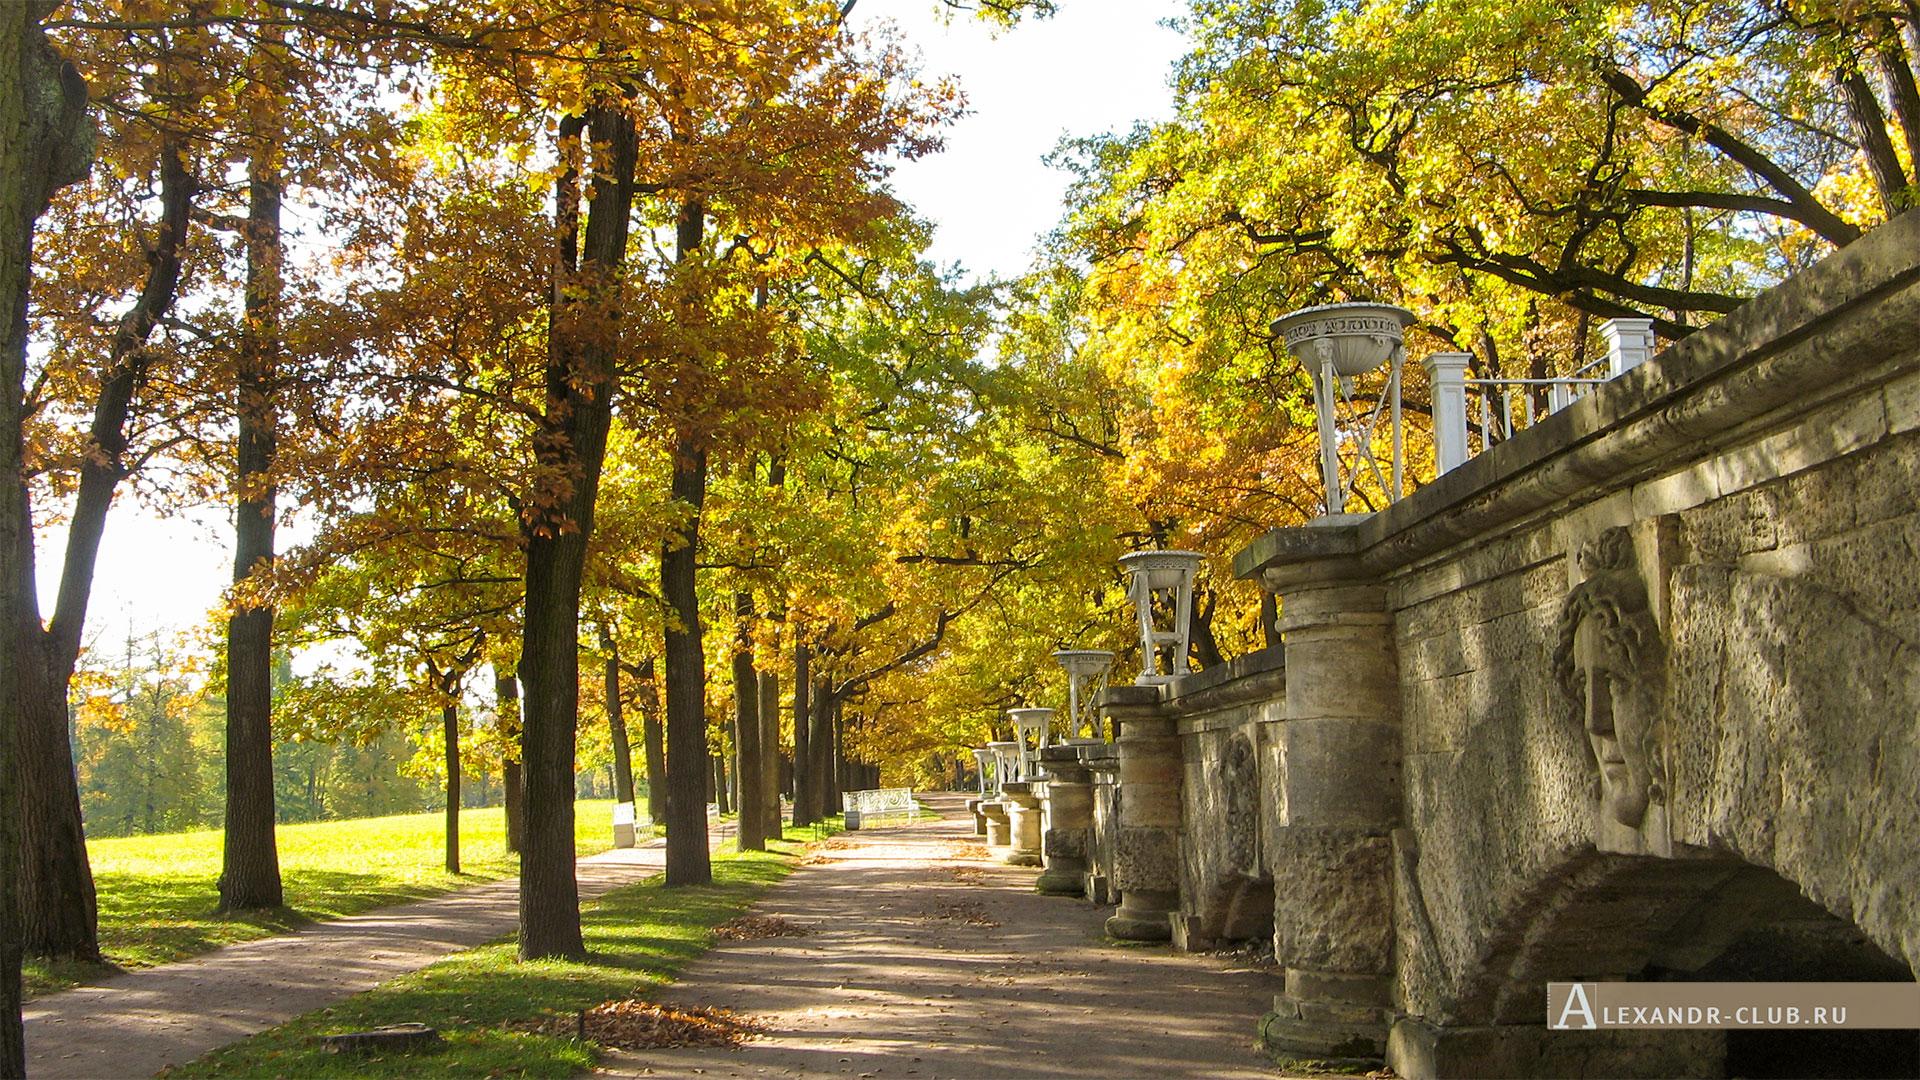 Царское Село, осень, Екатерининский парк, пандус Камероновой галереи